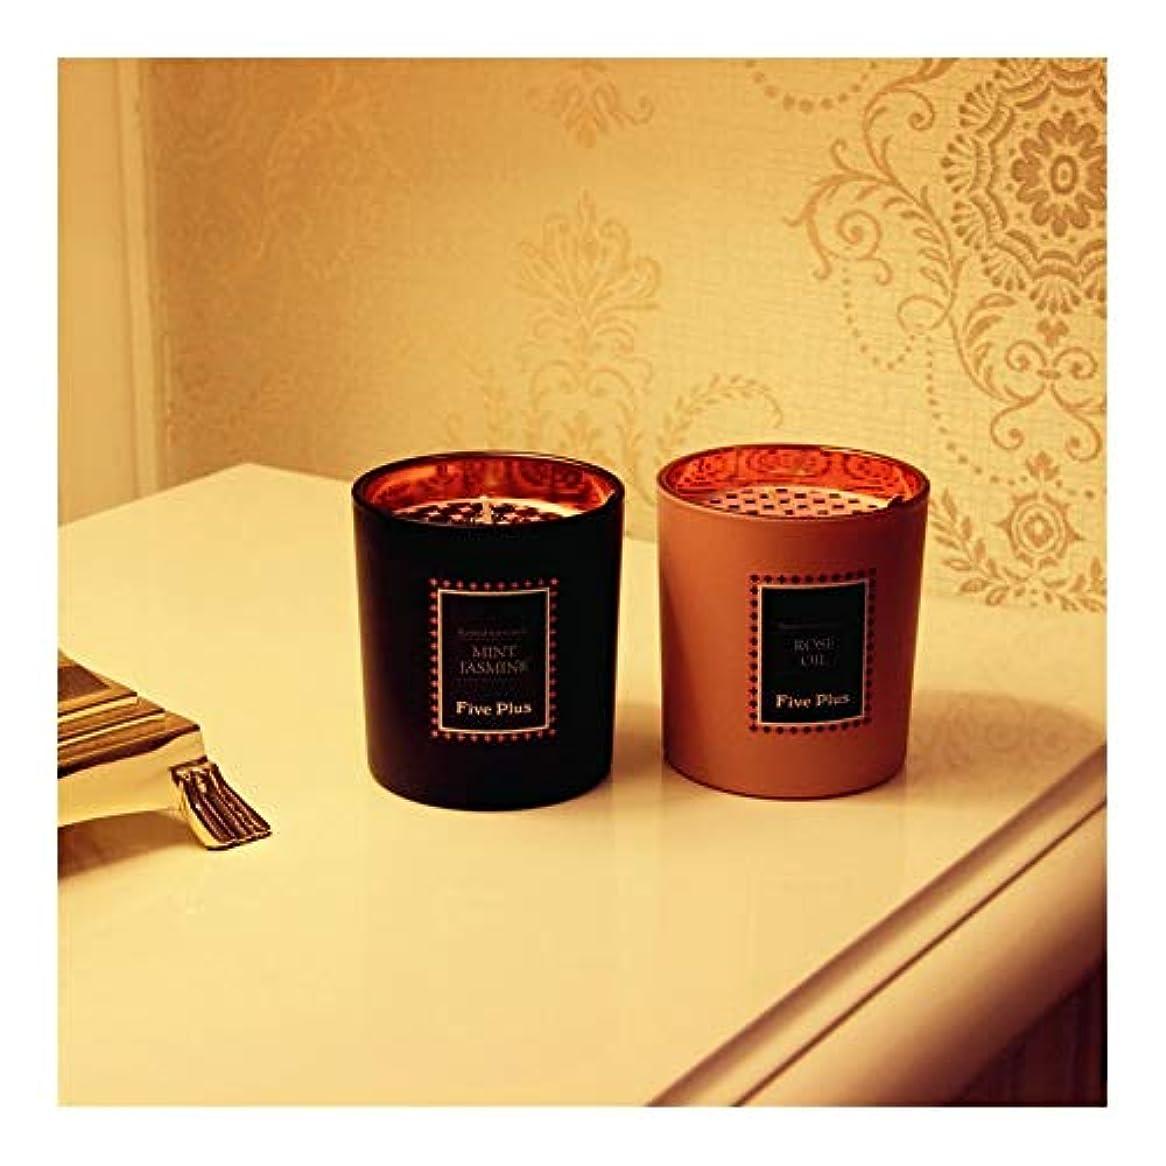 確立ファウルハチACAO キャンドルのガラス充填ワックスクリエイティブな雰囲気の設定の赤黒セット